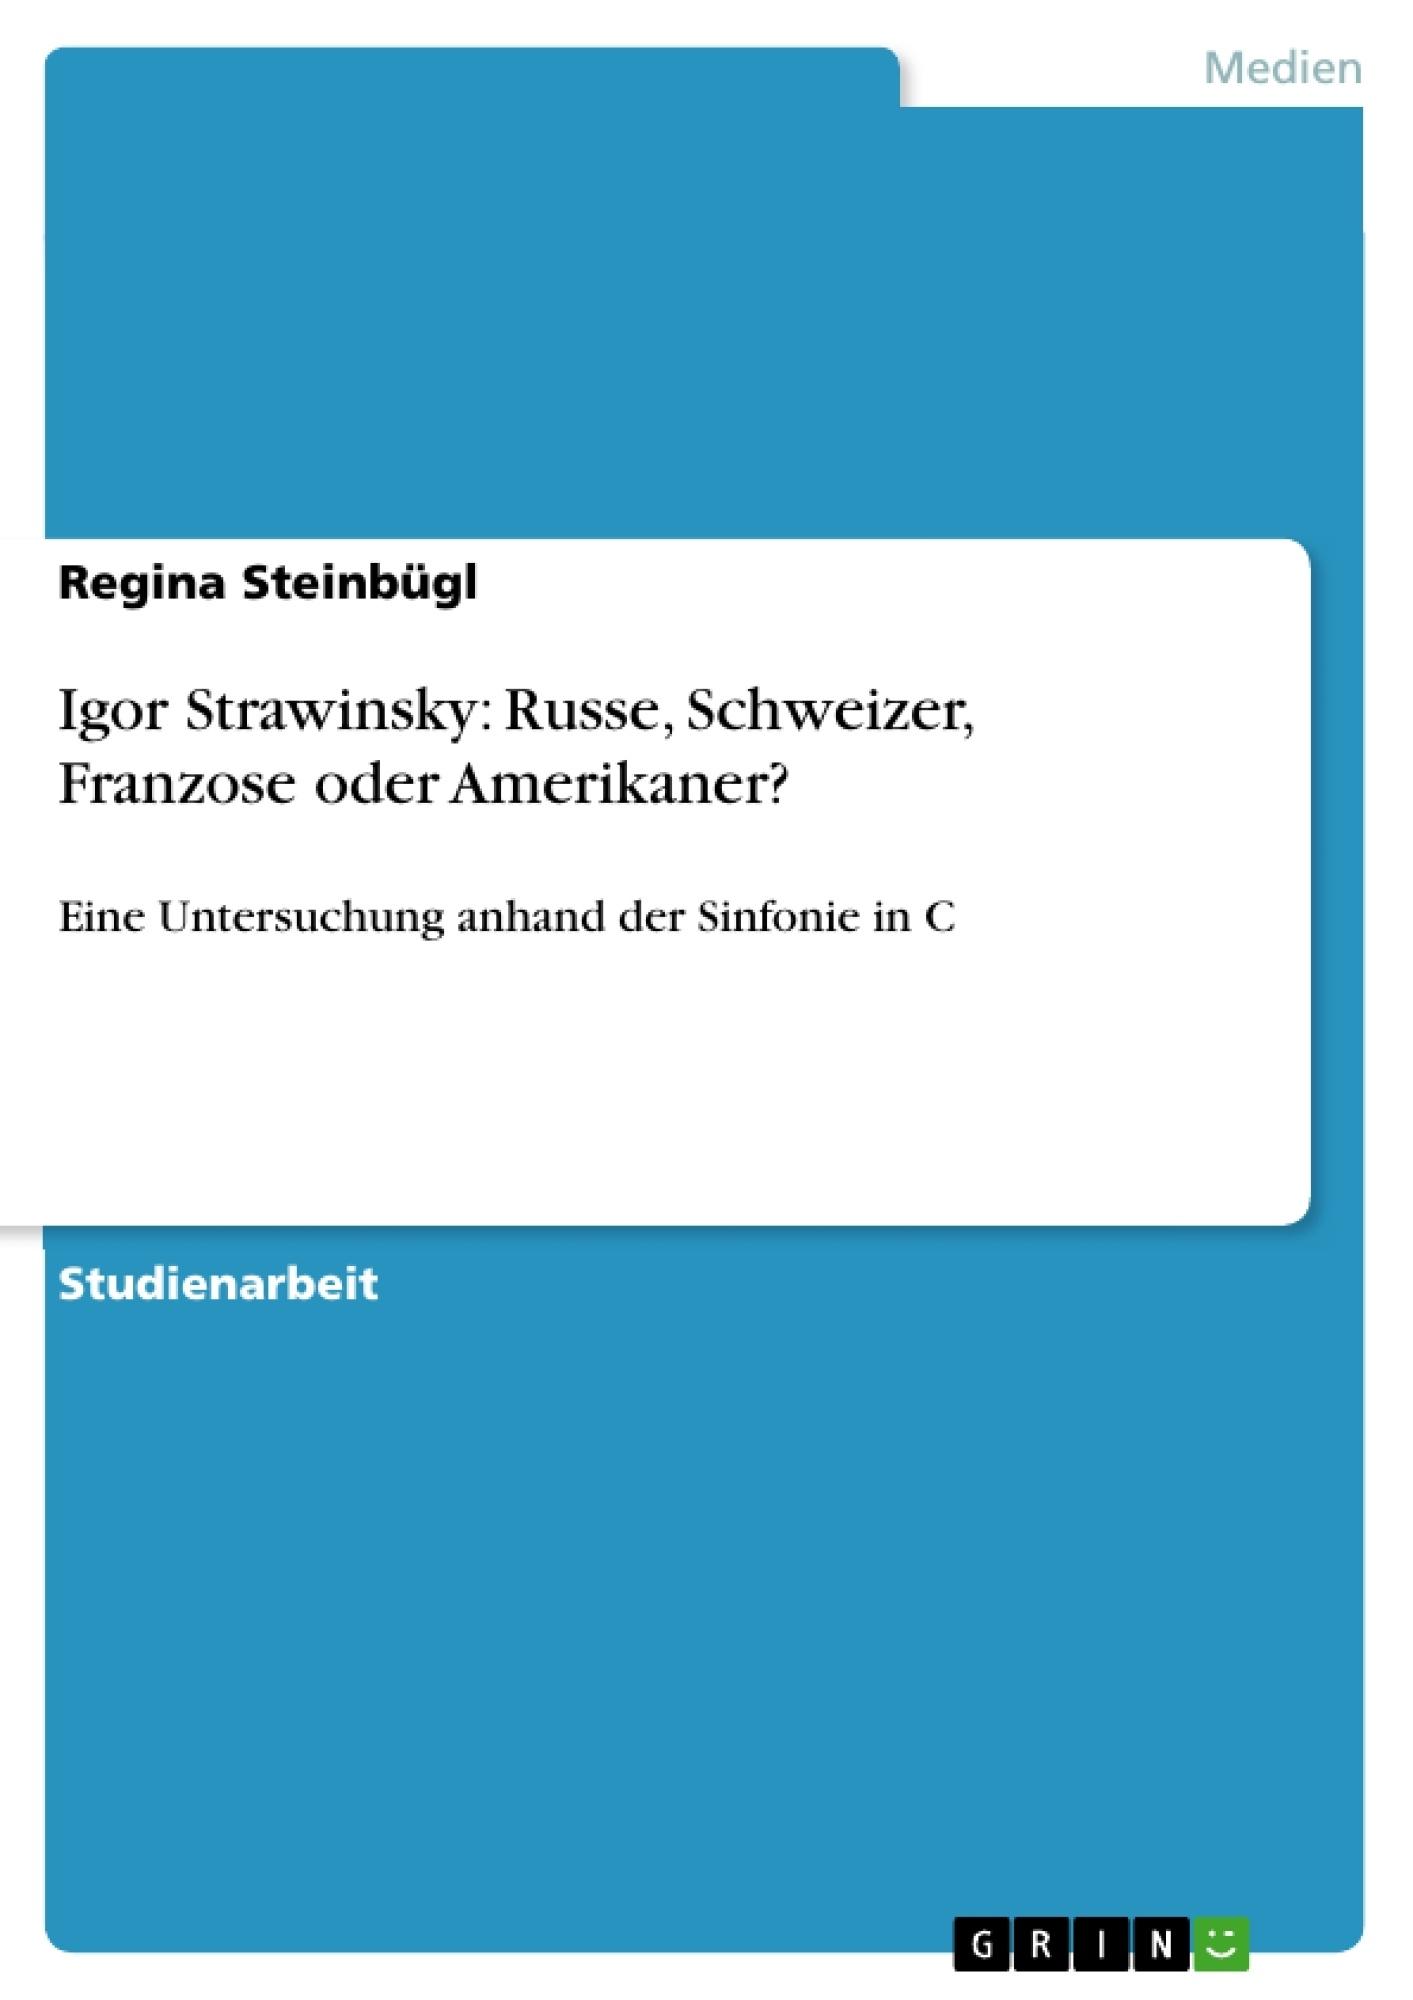 Titel: Igor Strawinsky: Russe, Schweizer, Franzose oder Amerikaner?